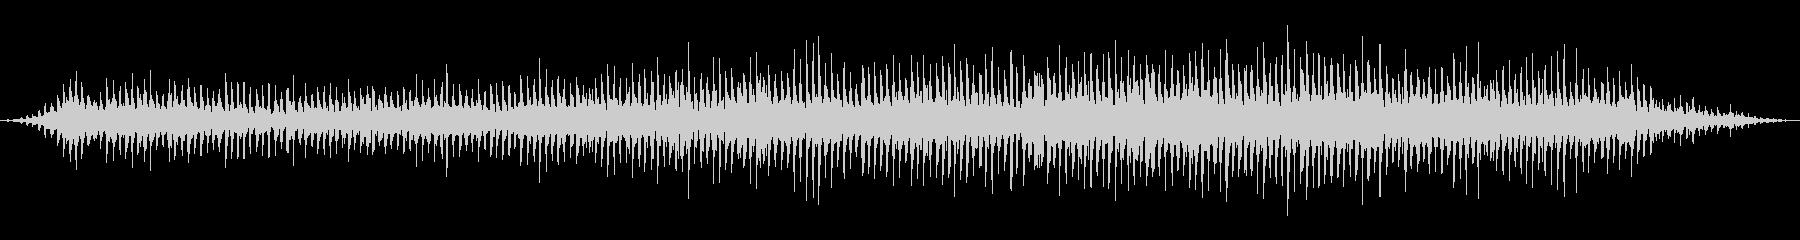 大型のスリーベル:安定した揺れ、フォリーの未再生の波形